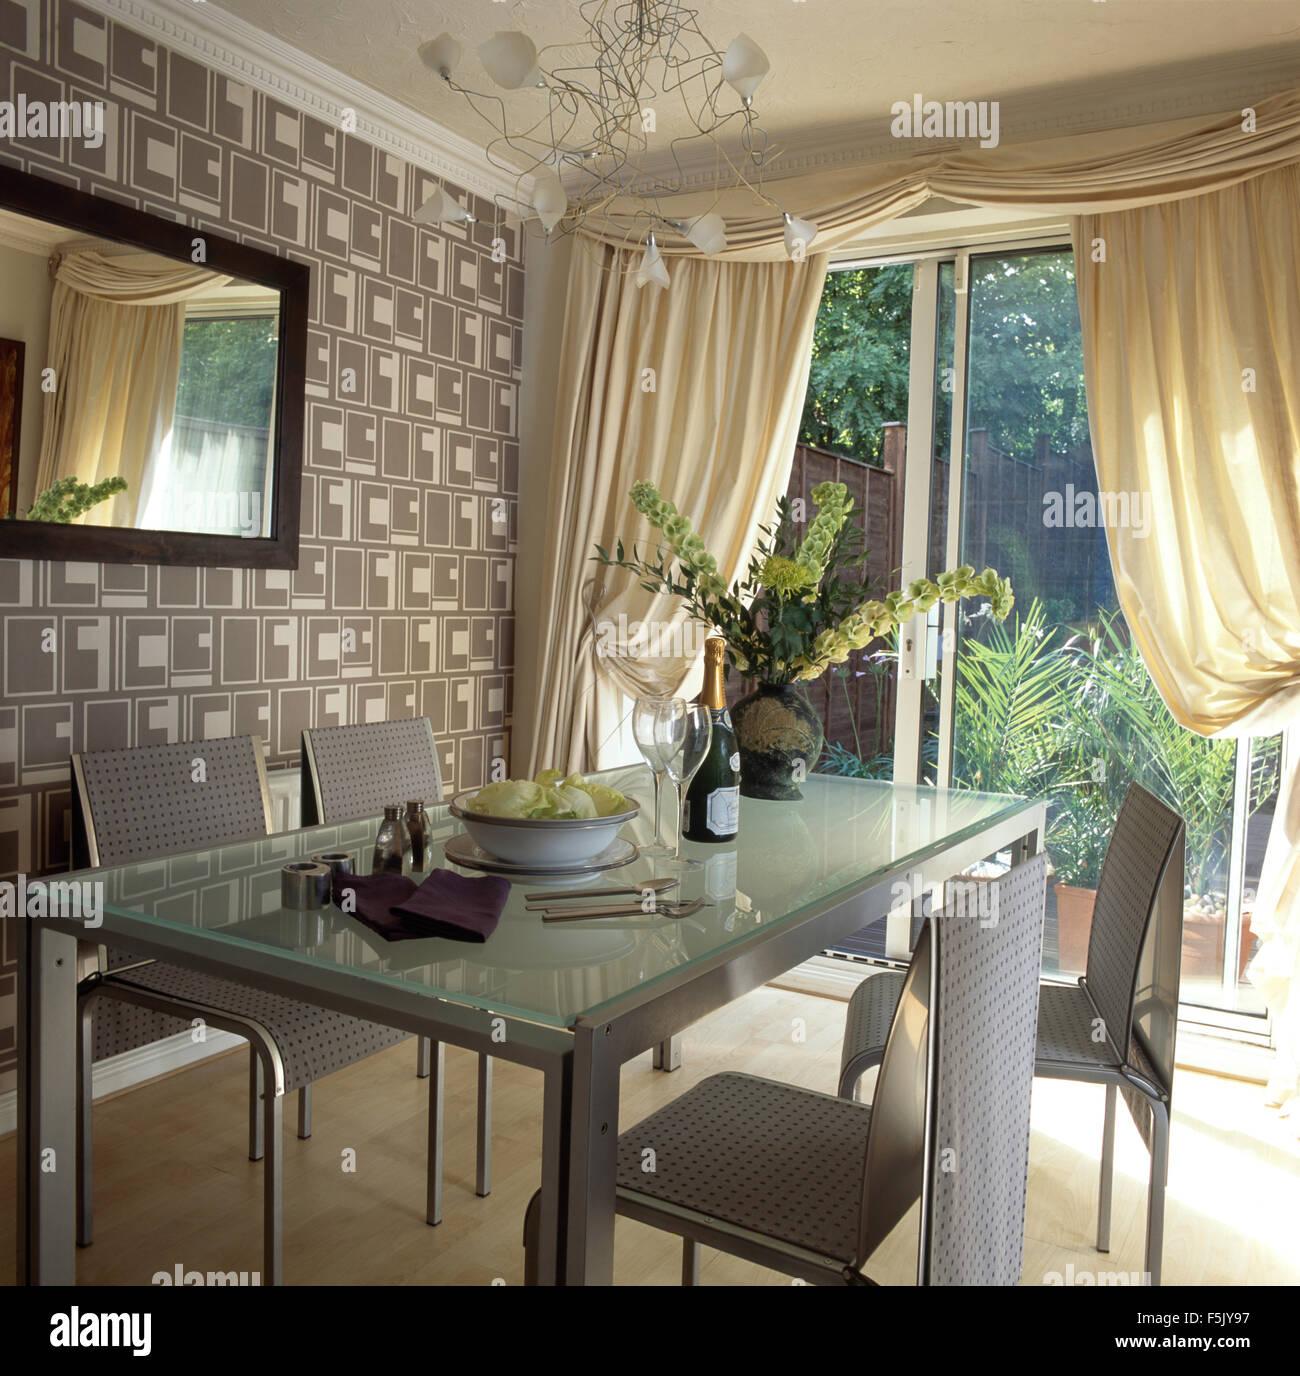 Metall Stuhle Und Tisch Im Speisesaal Mit Grauen Abstrakte